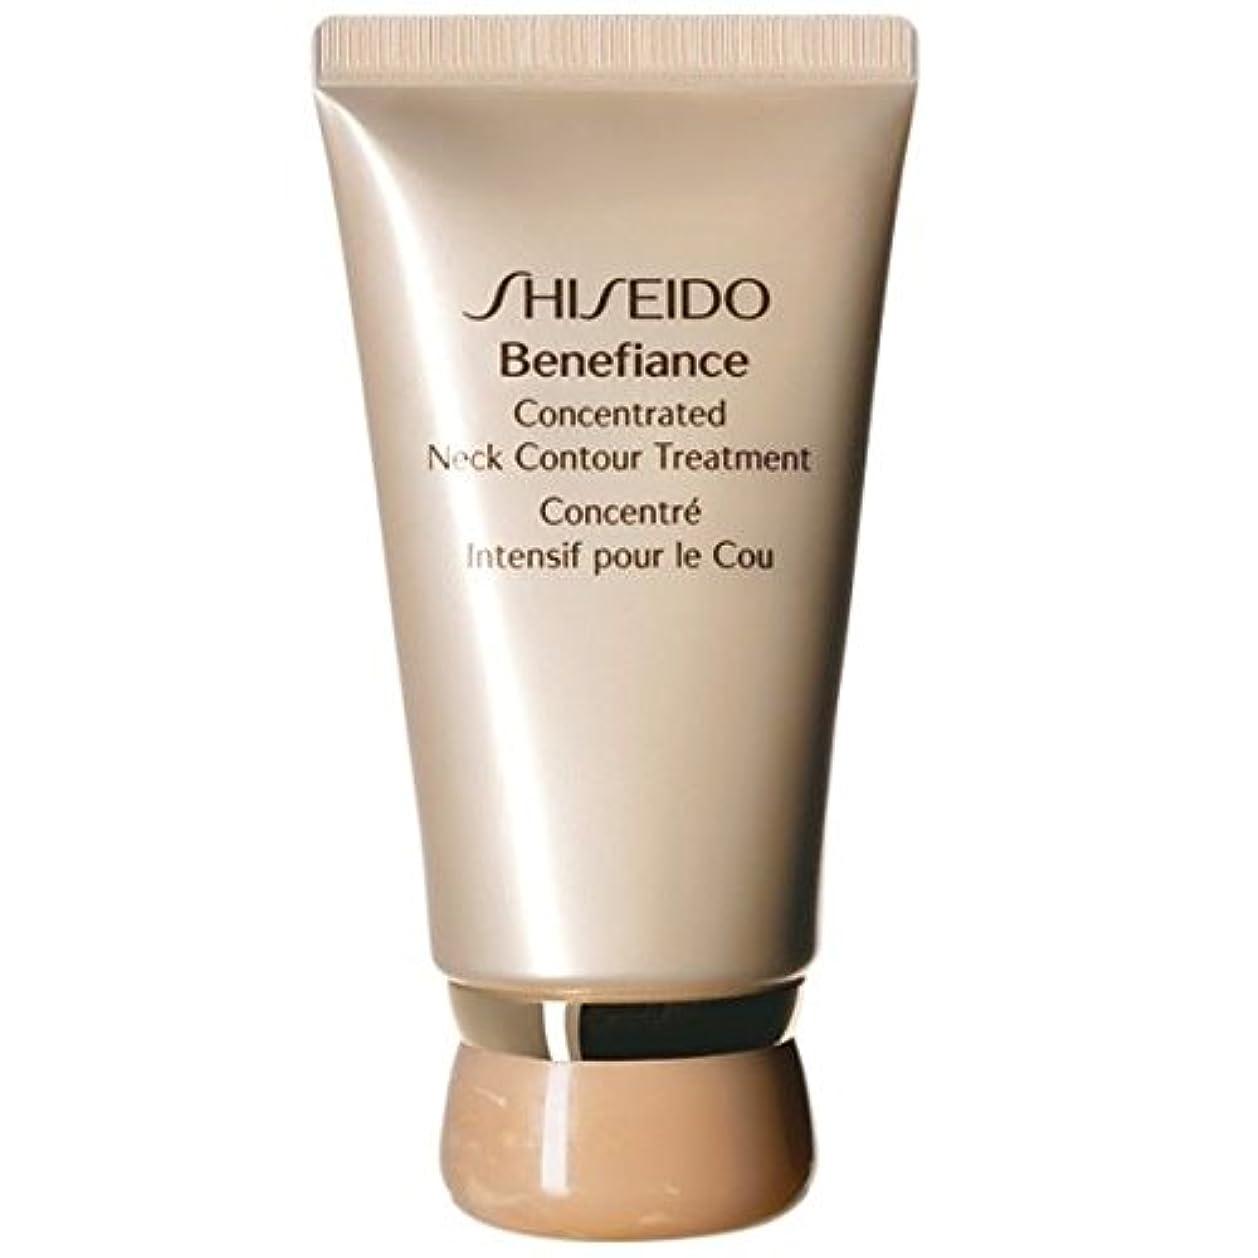 極地発生器パンサー[Shiseido] 資生堂ベネフィアンス濃縮ネック輪郭処理50ミリリットル - Shiseido Benefiance Concentrated Neck Contour Treatment 50ml [並行輸入品]